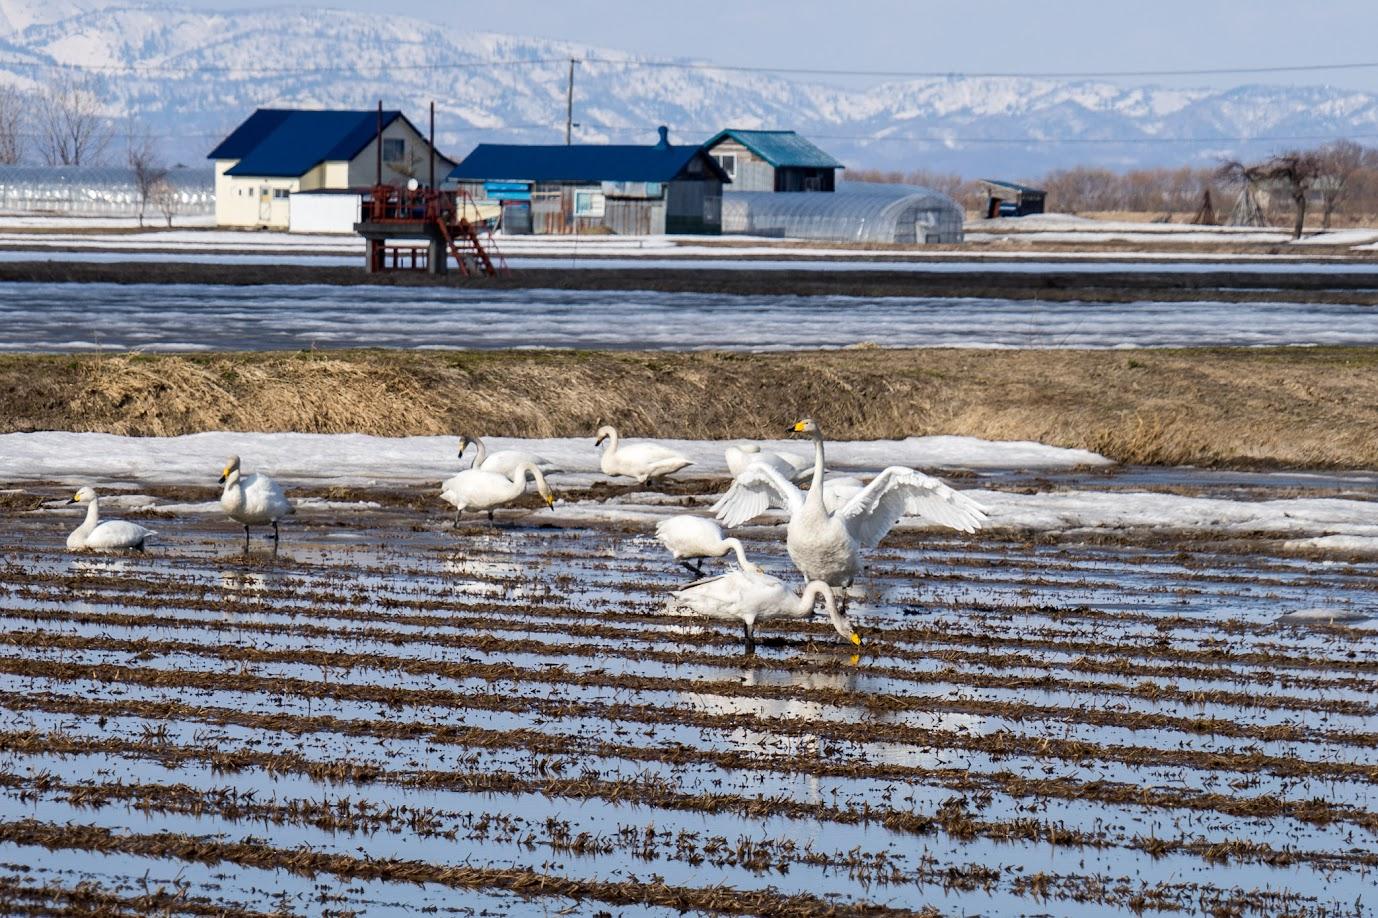 白鳥たちが落穂をついばむ風景